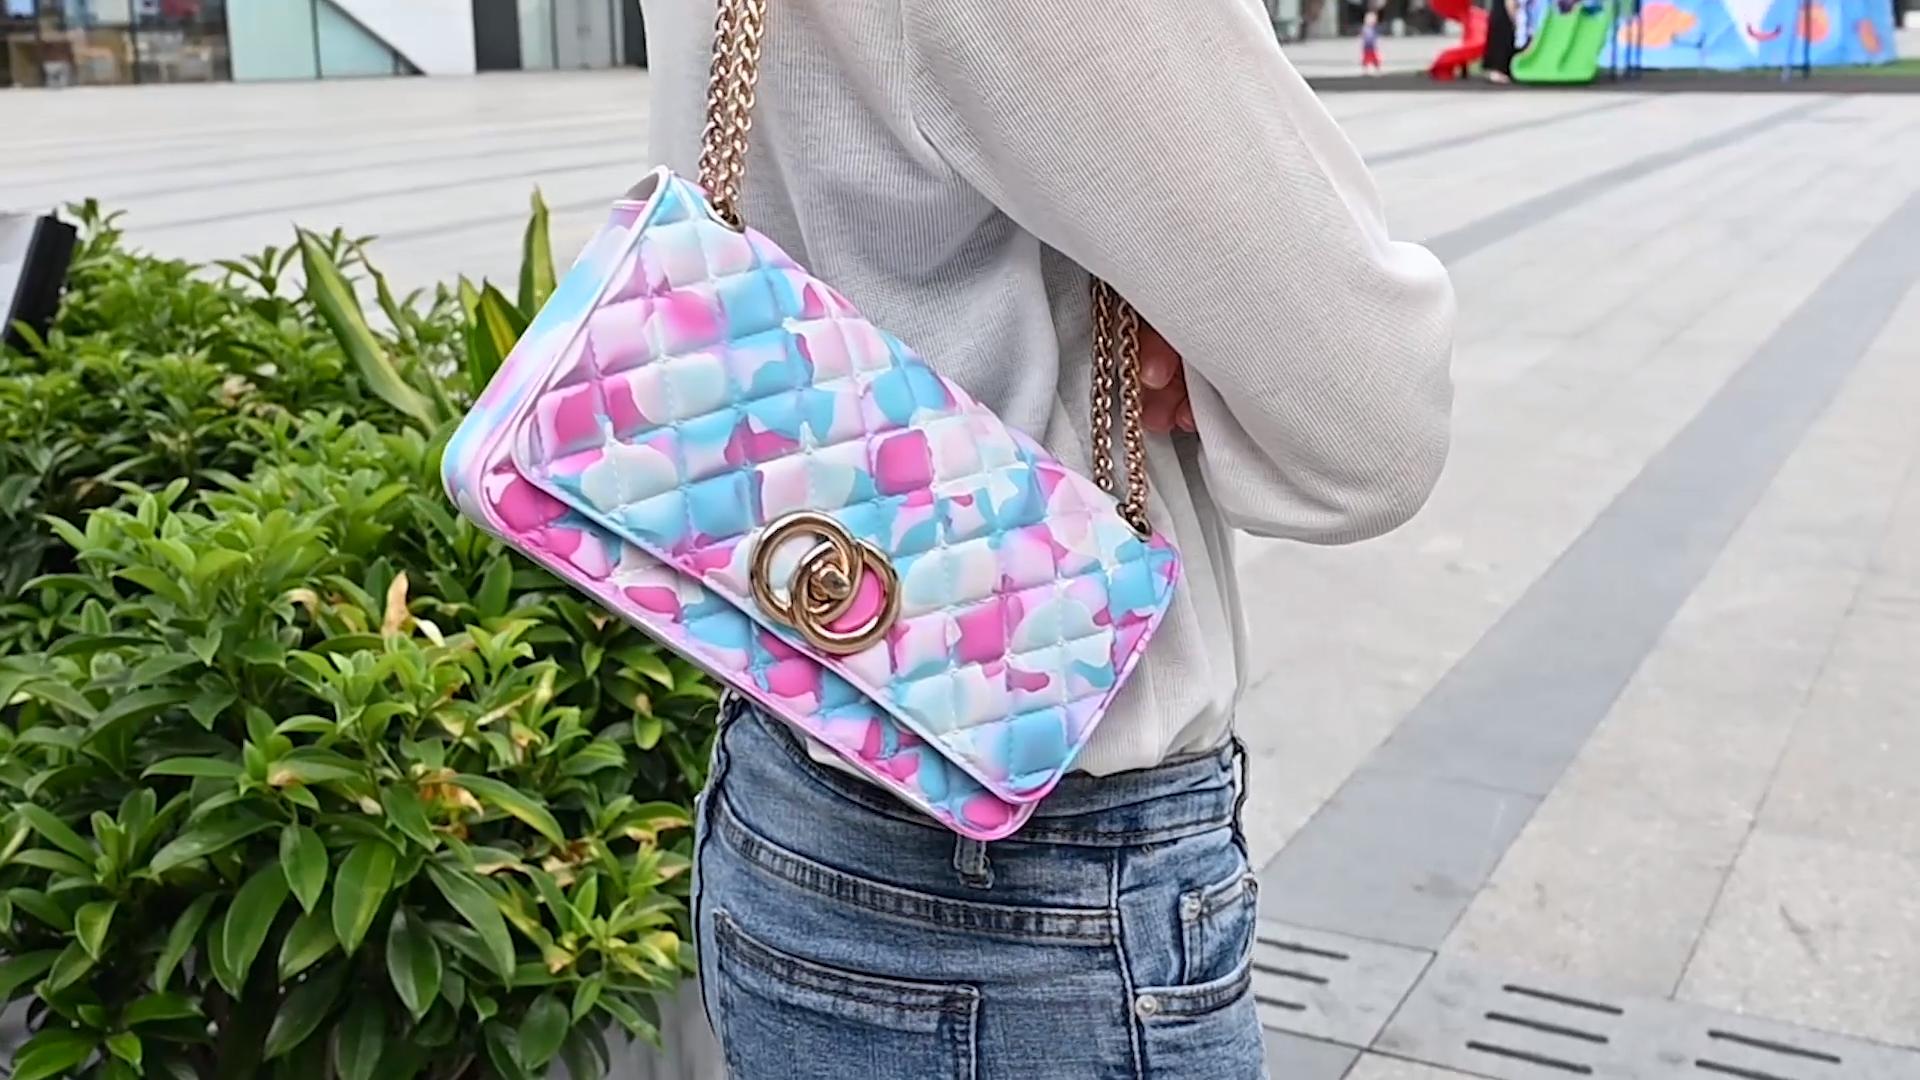 महिला डिजाइनरों पर्स हैंडबैग महिलाओं जेली फैशनेबल फैशन हाथ बैग 2020